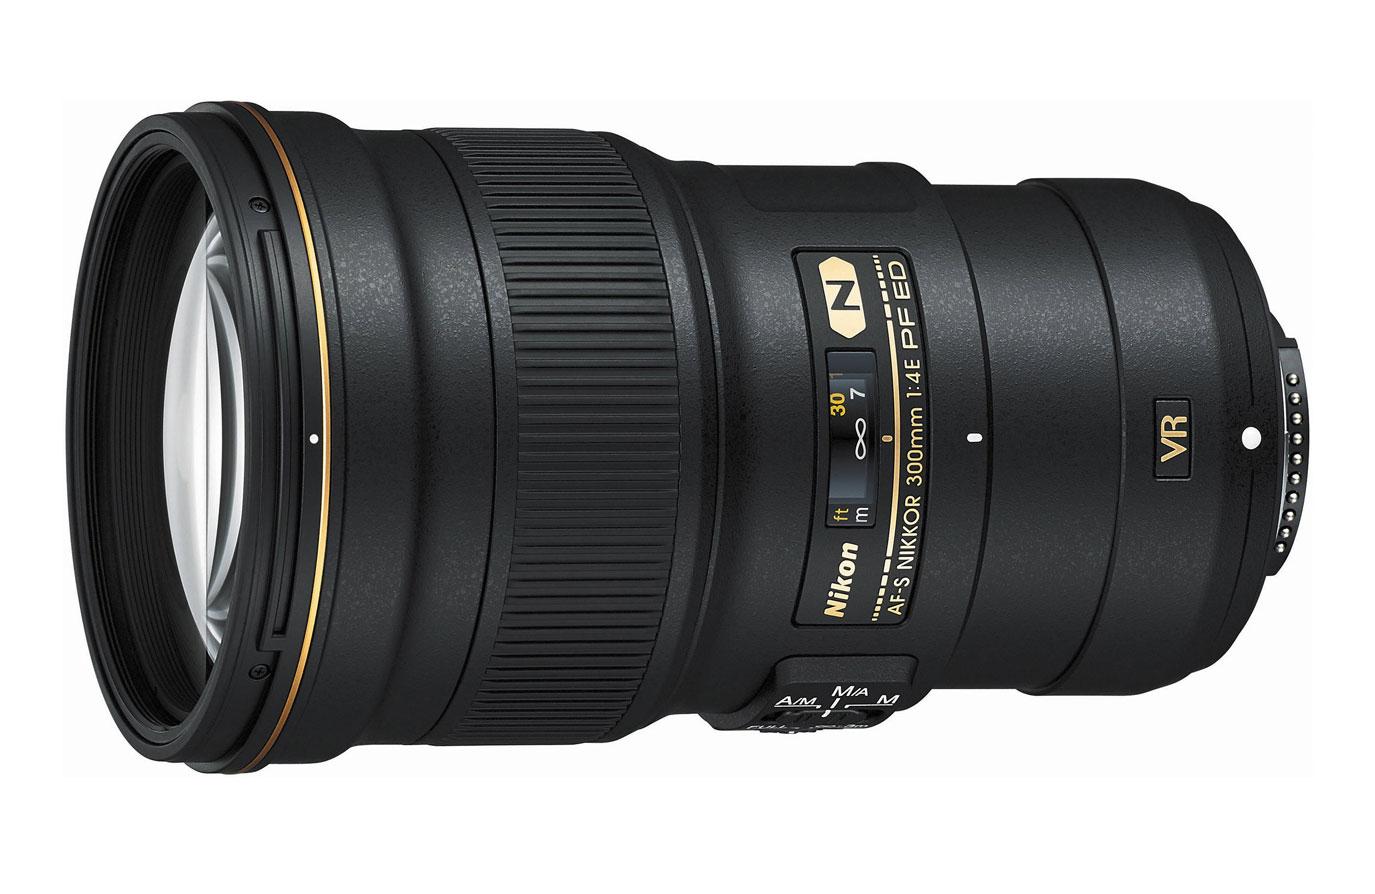 Nikon-AF-S-NIKKOR-300mm-f4E-PF-ED-VR